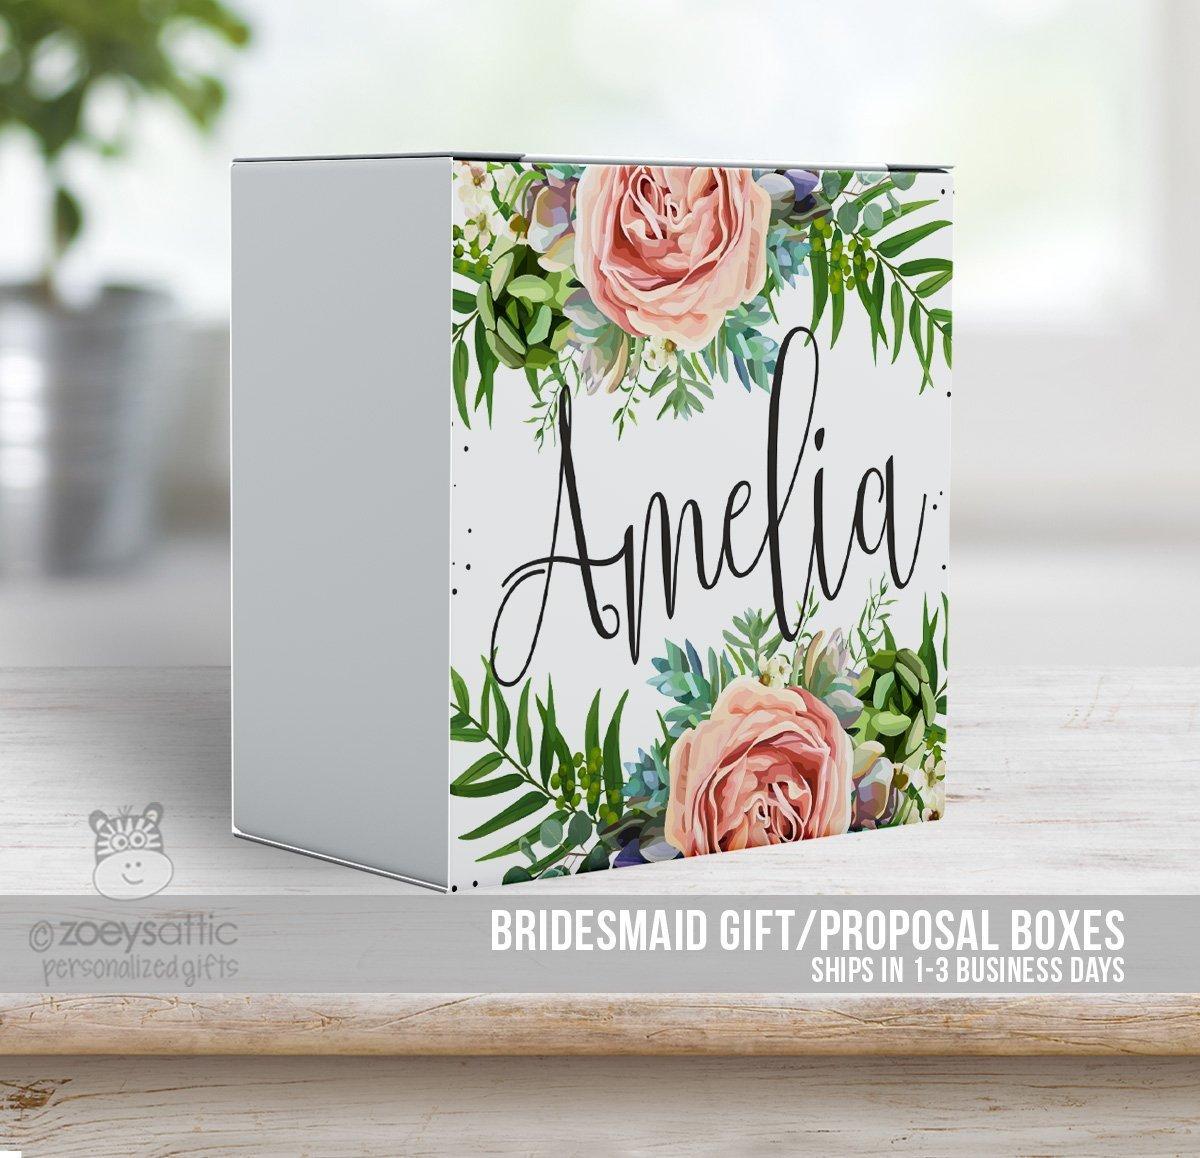 Bridesmaid proposal box - will you be my bridesmaid